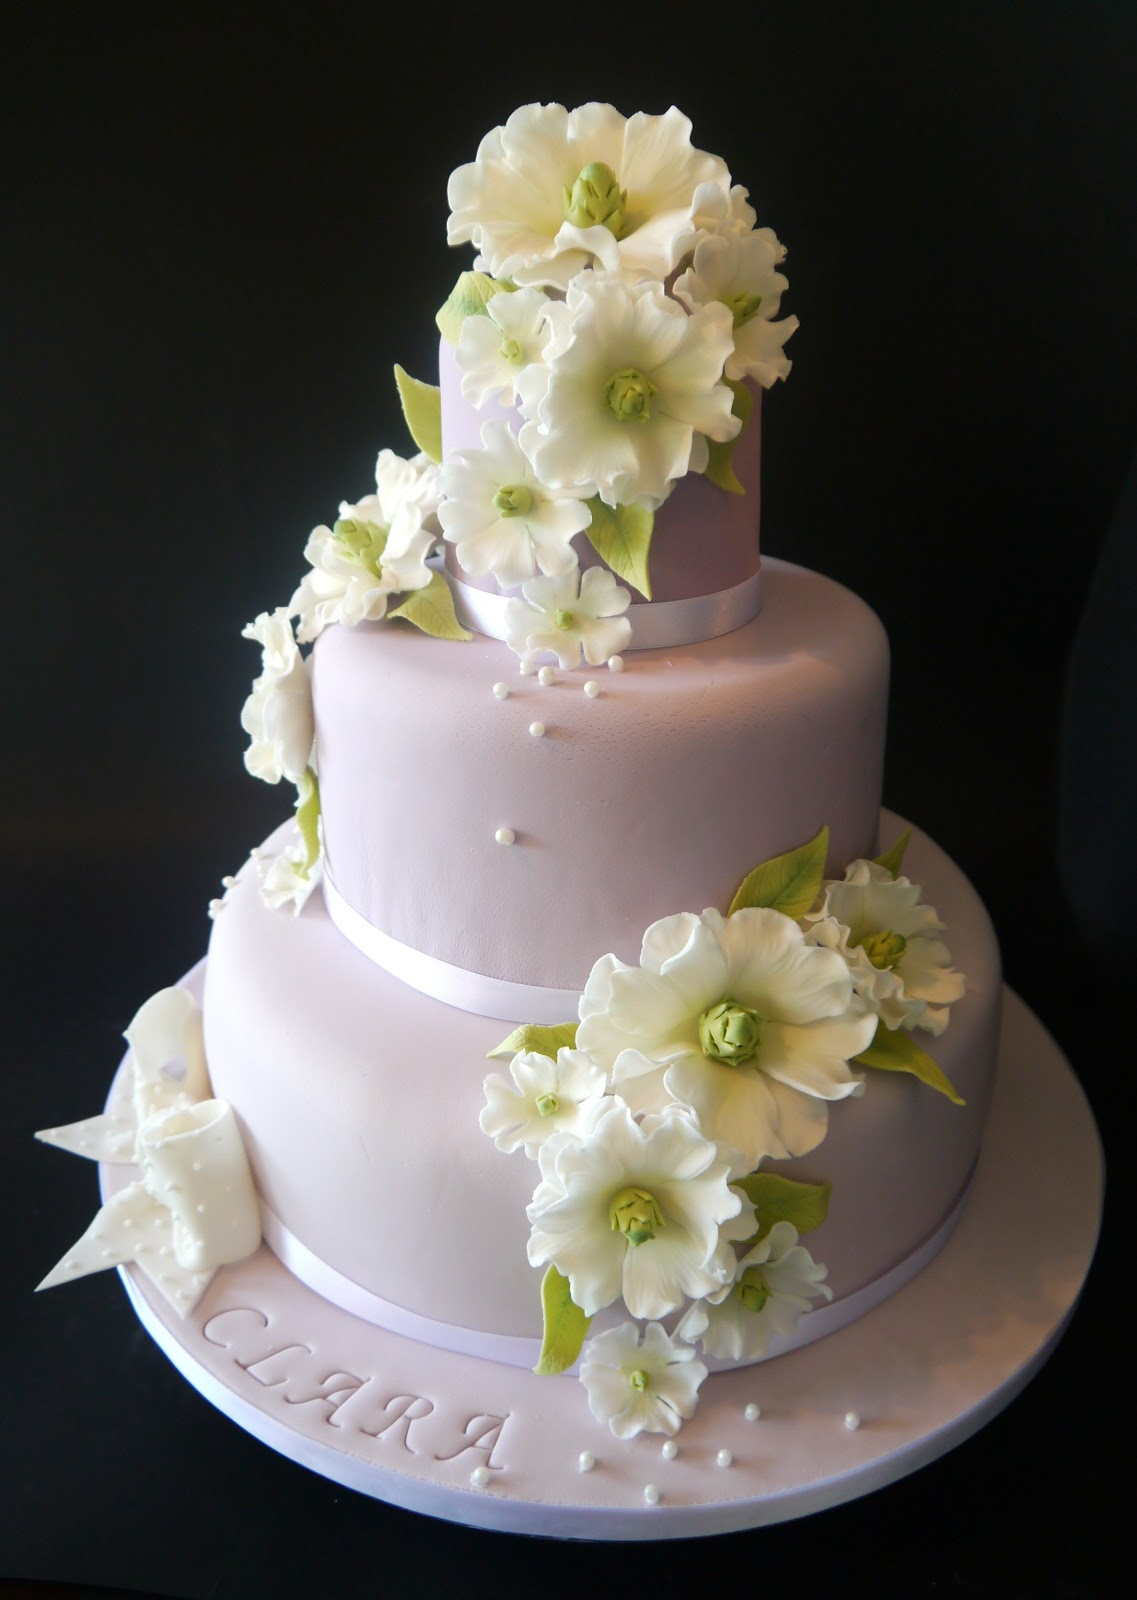 Incanto di zucchero torta per la cresima di clara - Decorazioni per cresima ...